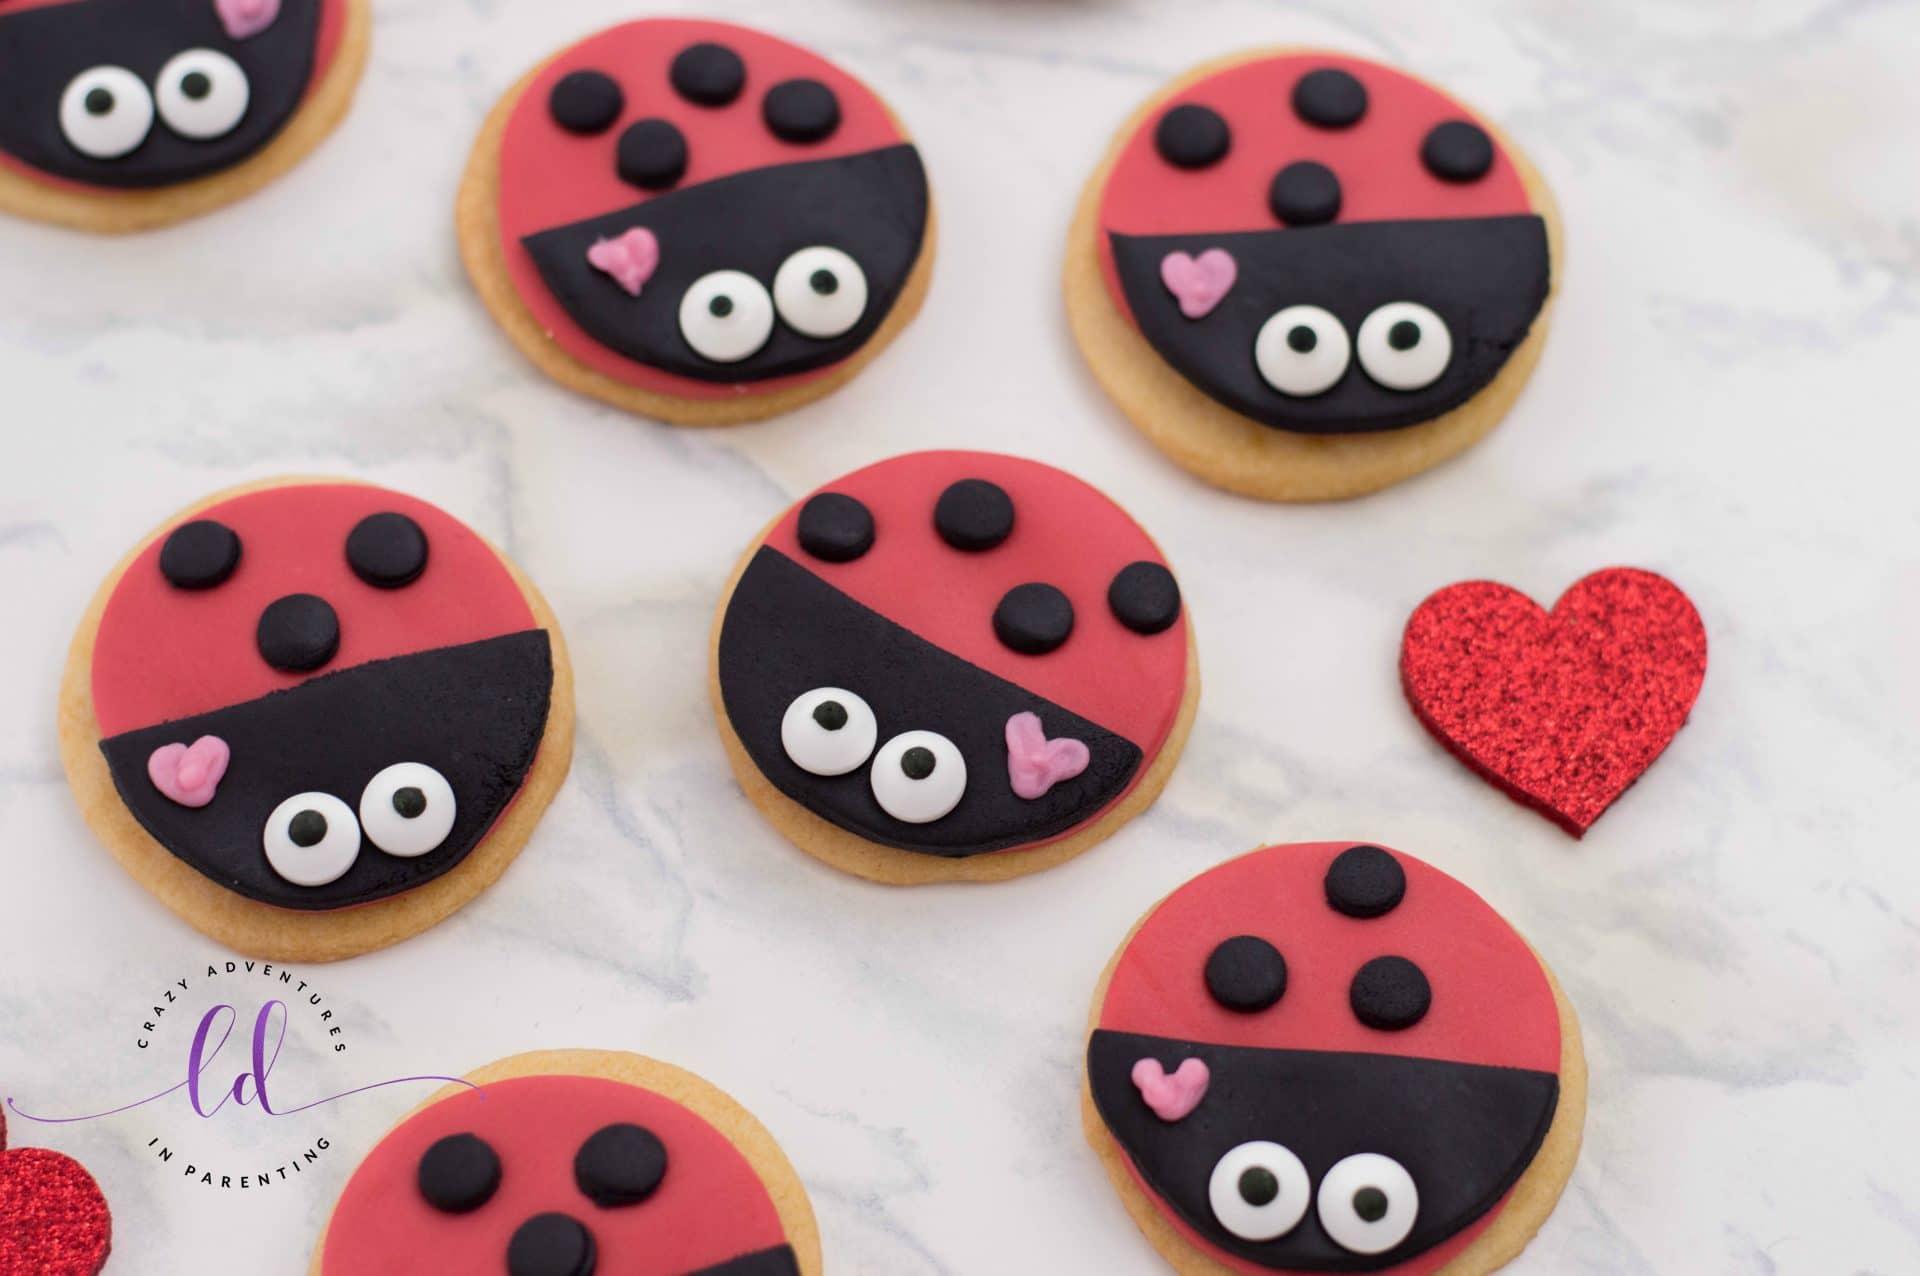 Lovebug Ladybug Cookies Recipe